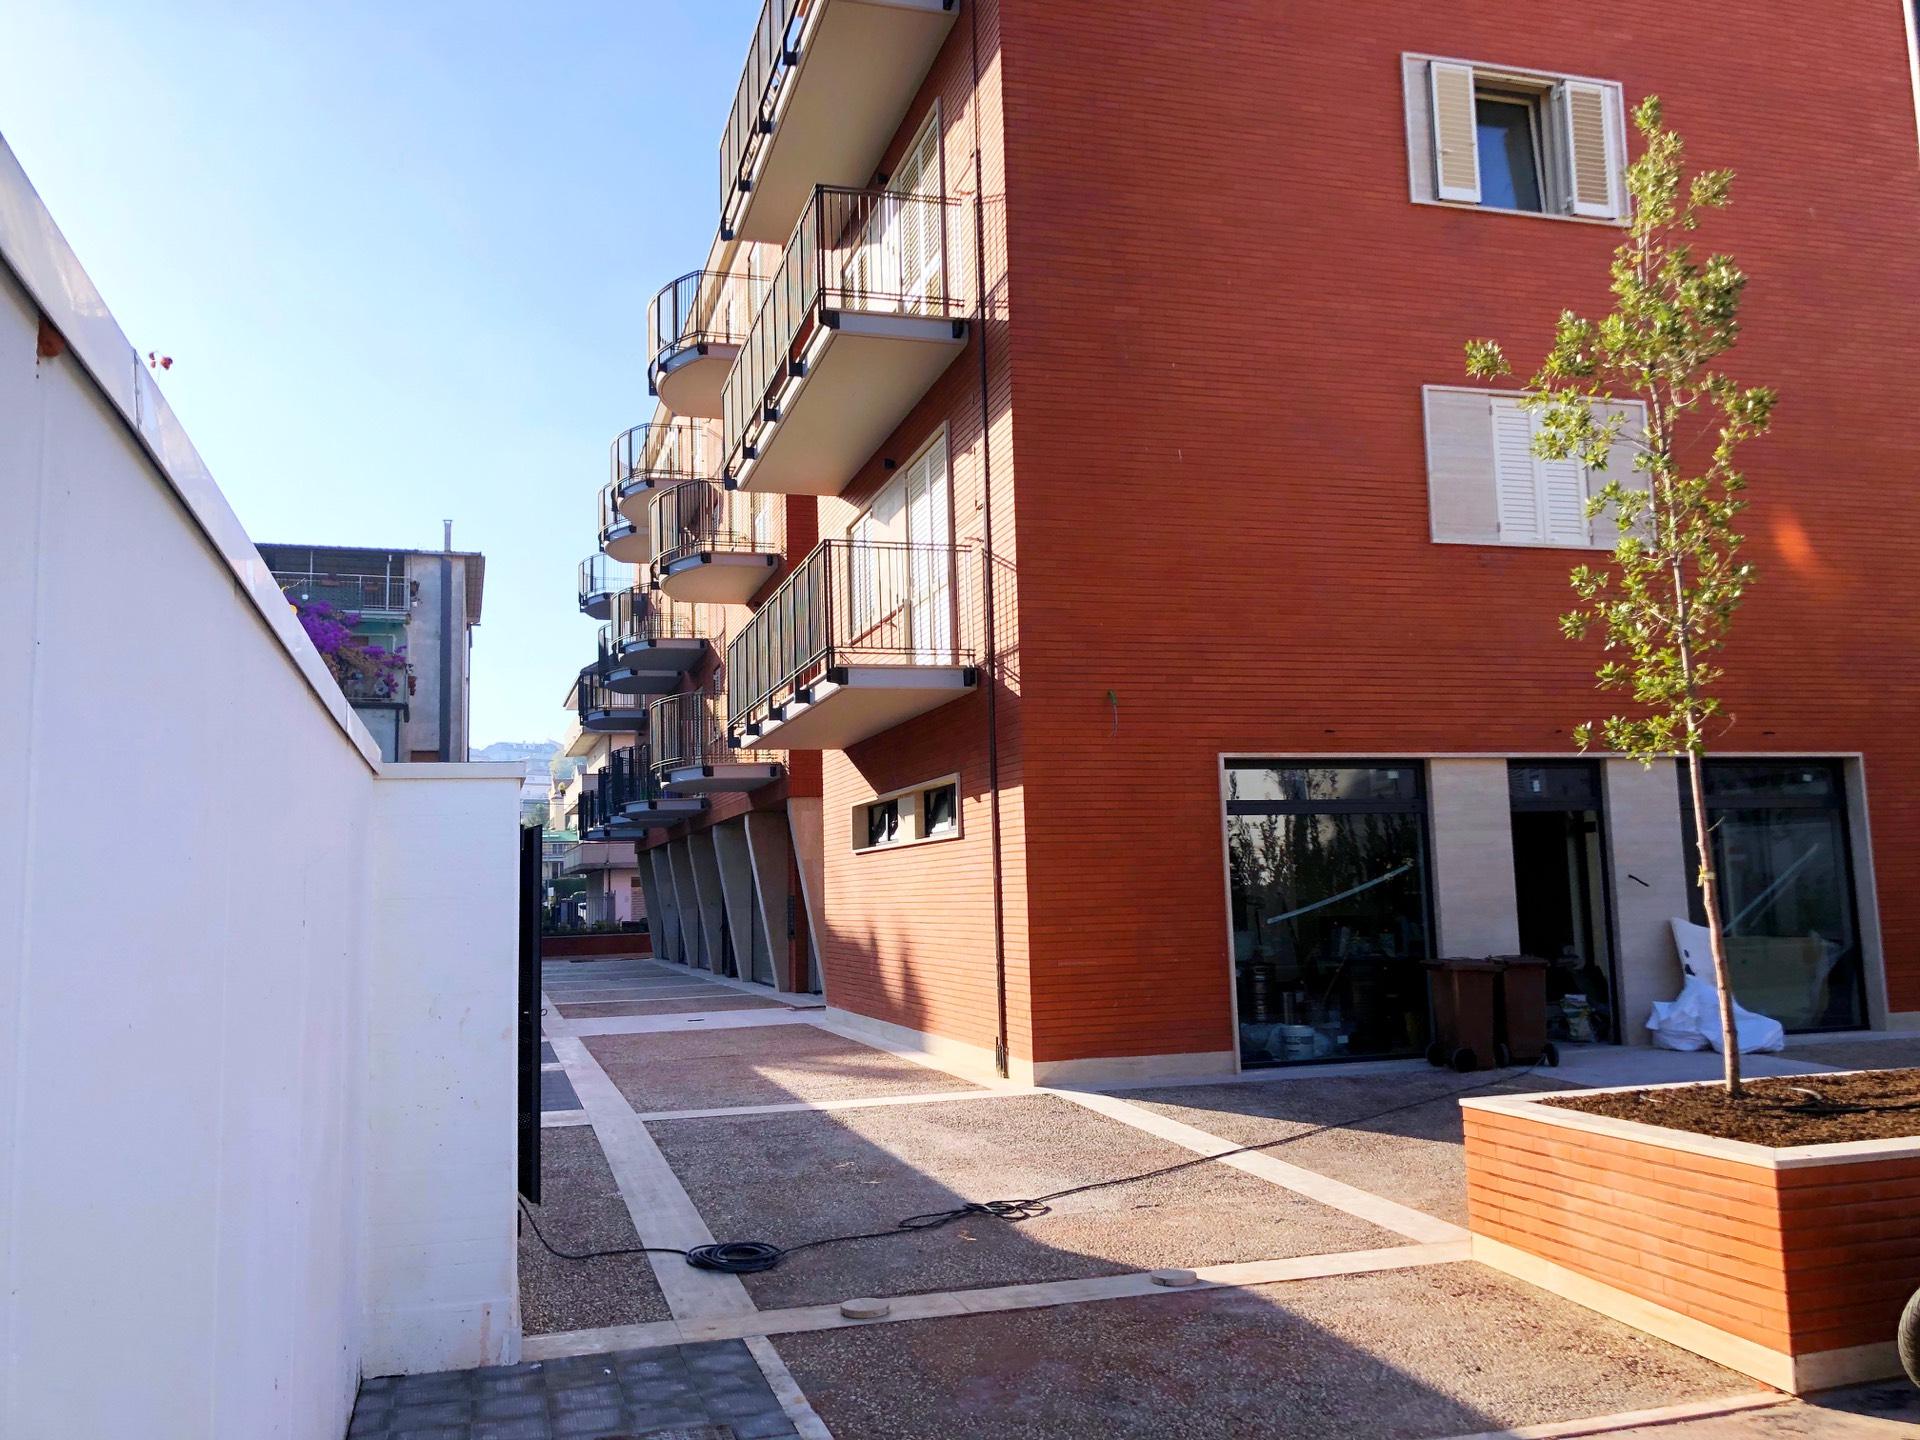 Locale commerciale in Vendita a San Benedetto del Tronto #1